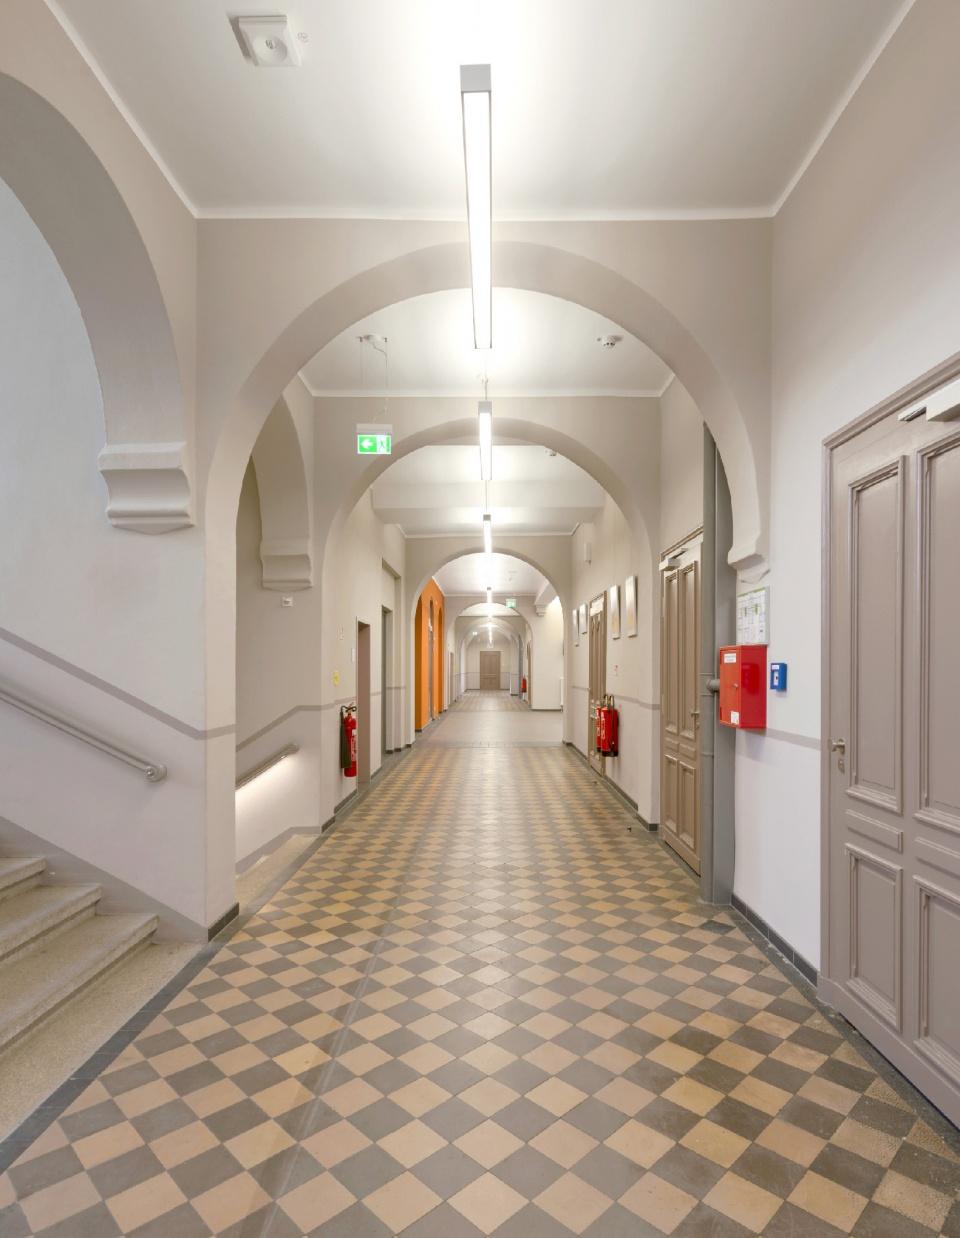 Projektseite gymnasium am wei en turm p neck architekten bda - Einbau fenster klinkerfassade ...